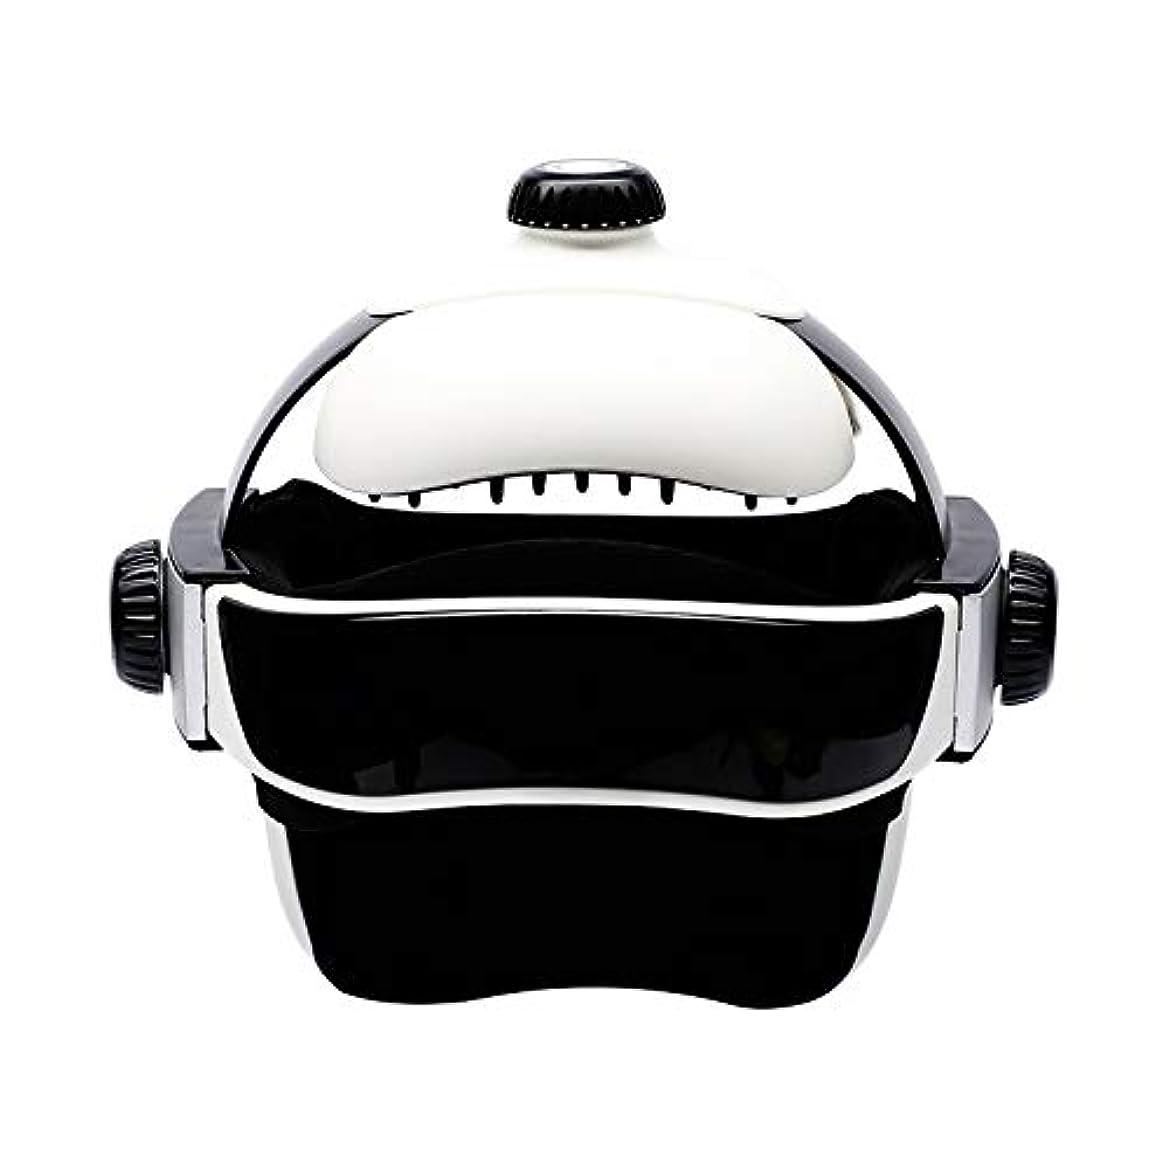 メルボルンに負ける海藻ヘルメットの電動が機能している頭皮は同じタイプのマッサージ器です [並行輸入品]